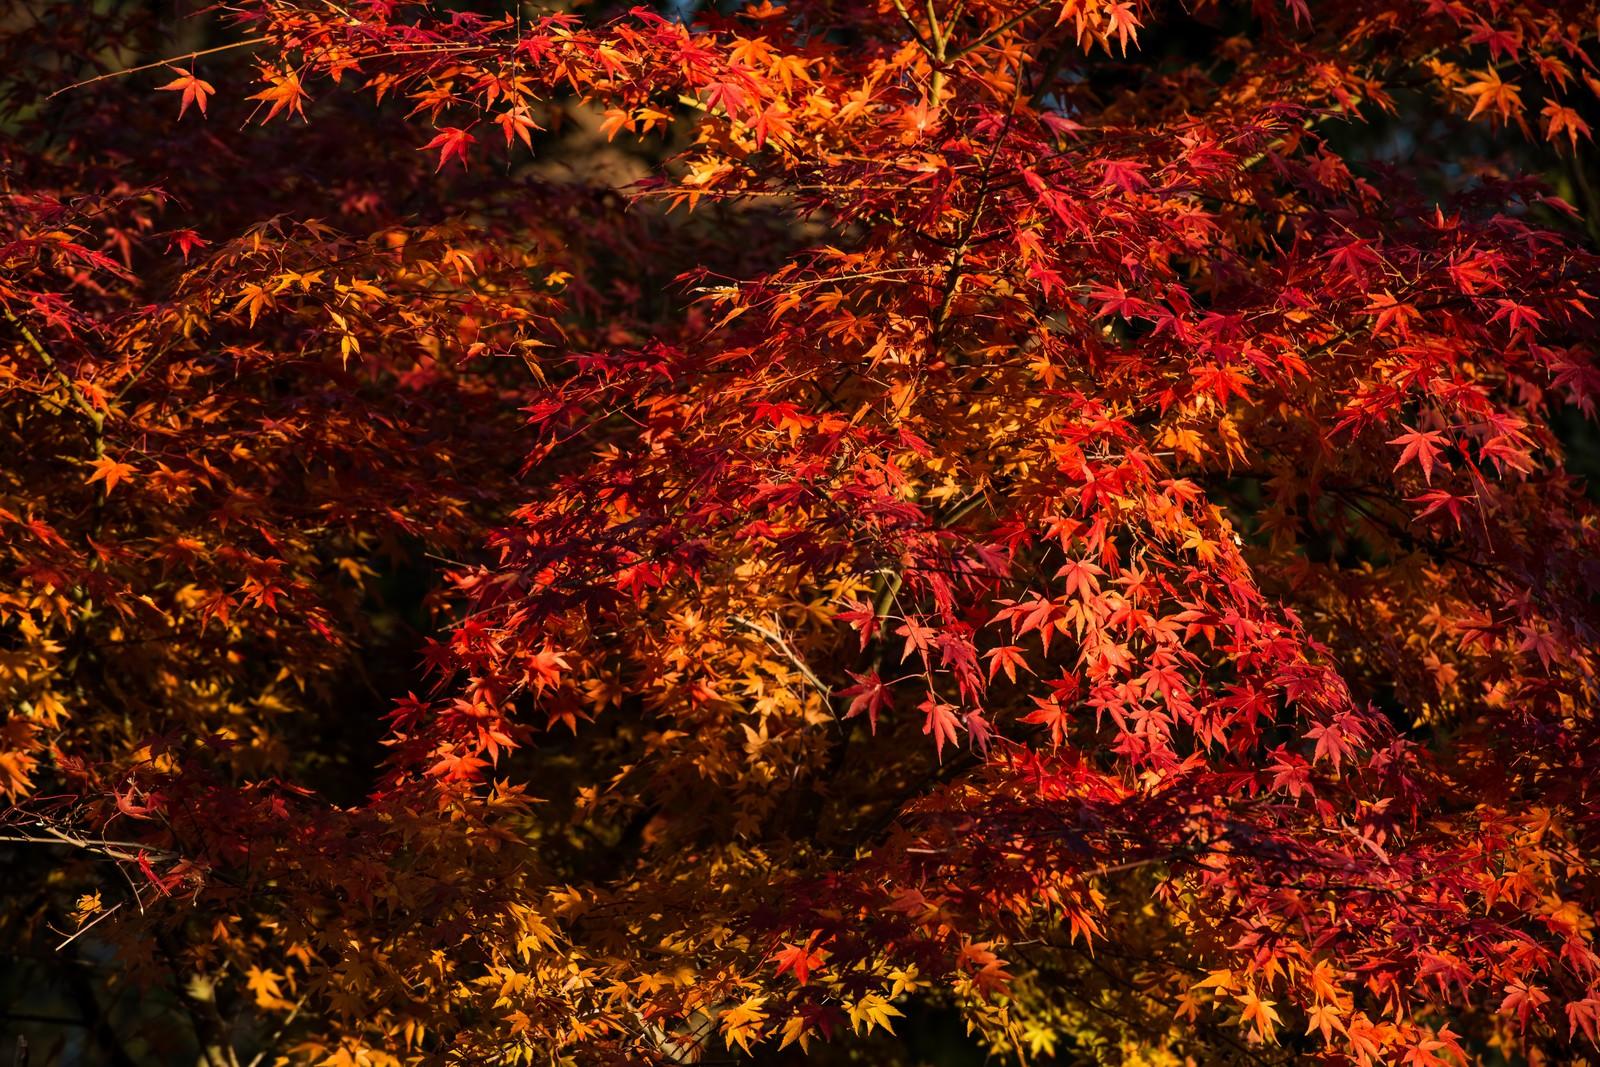 奥多摩の紅葉の見ごろは?ドライブやハイキングで秋の大自然を満喫!